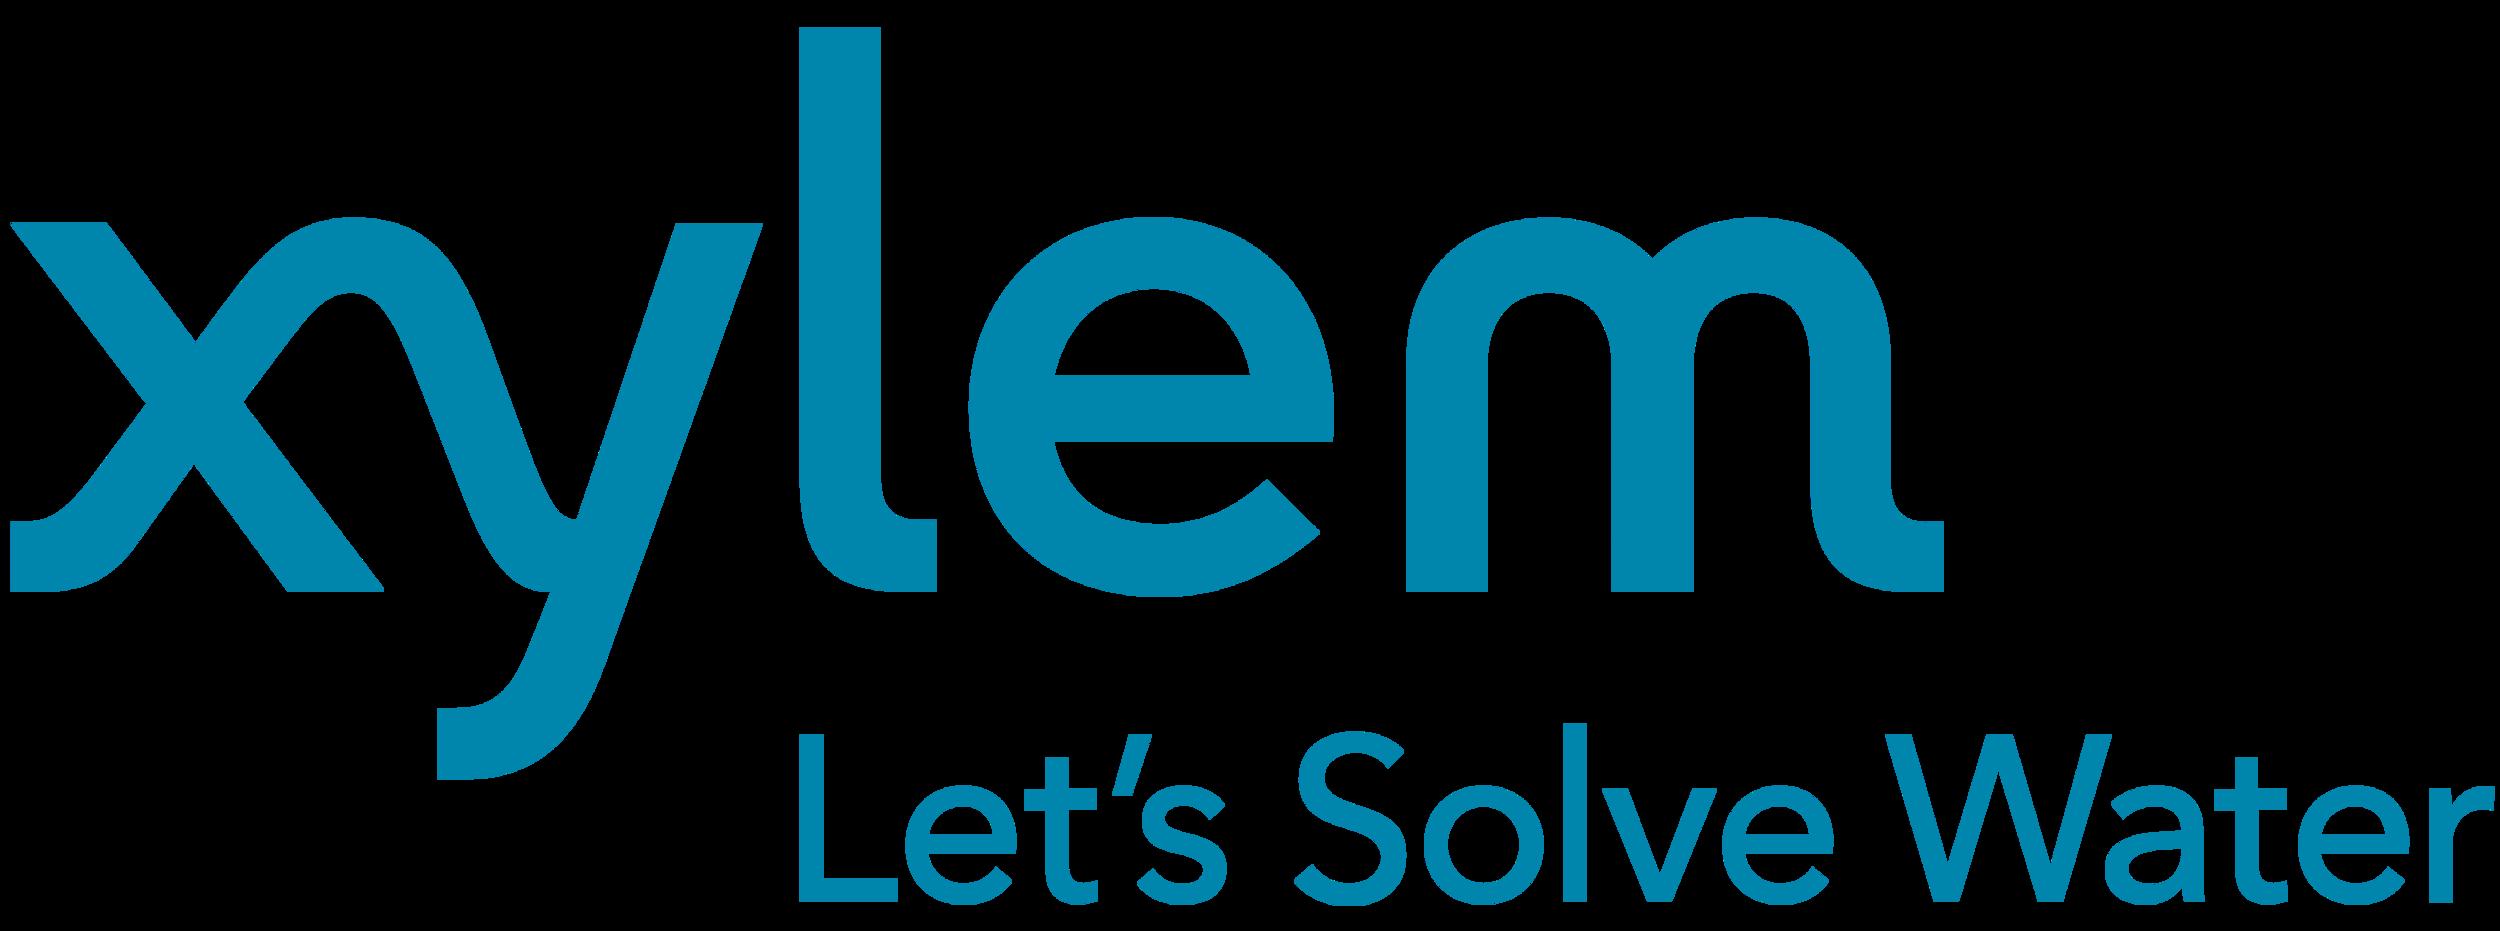 Xylem_logo_logotype.png